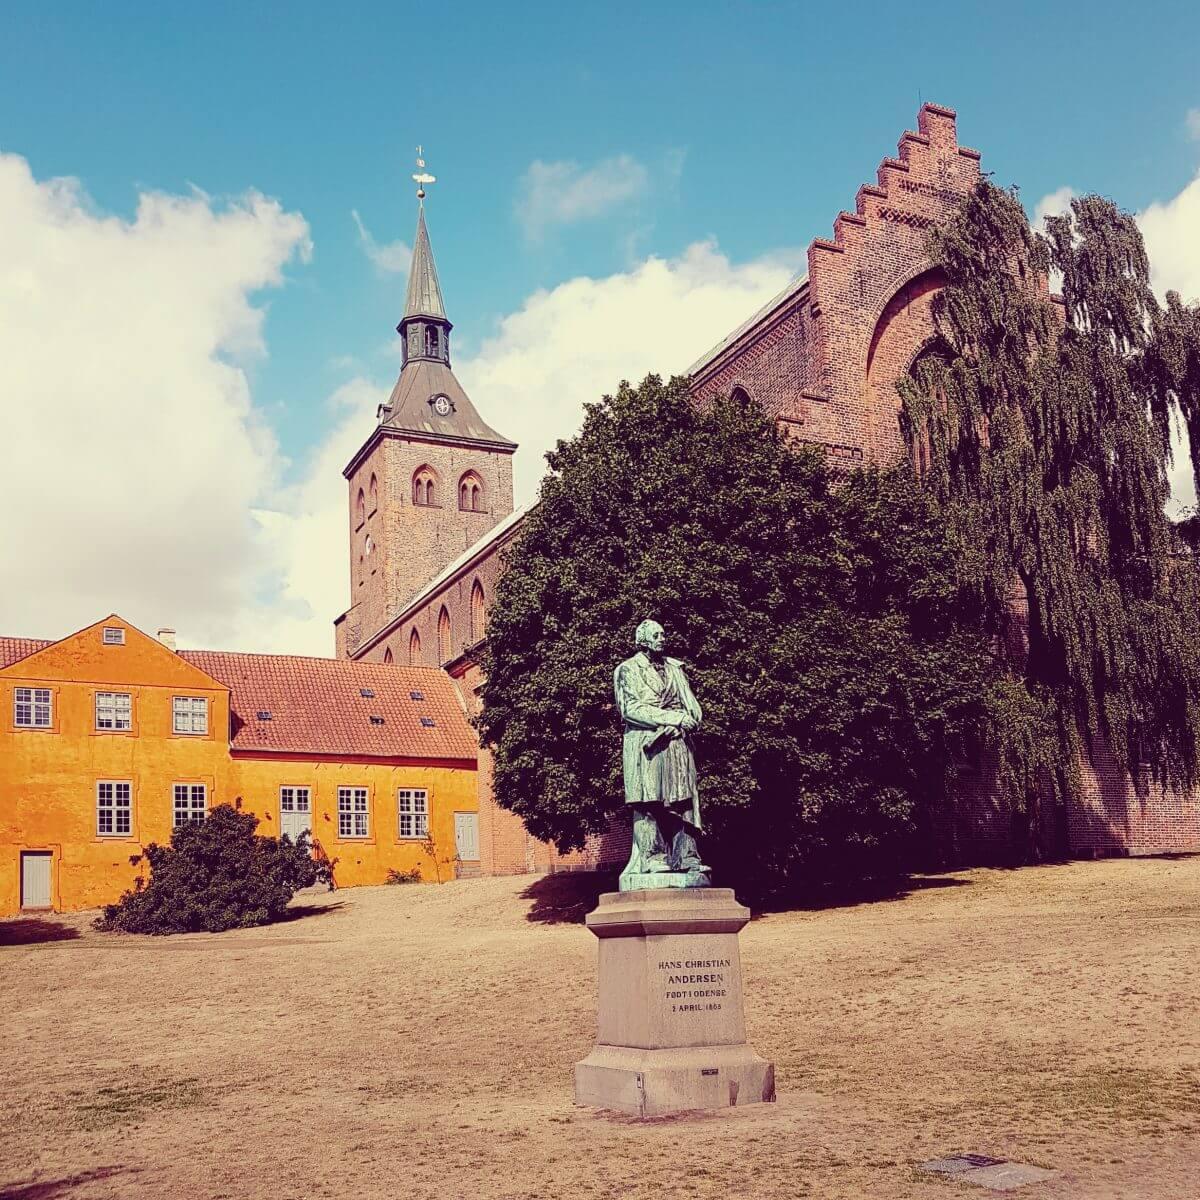 Vakantie met kids: sprookjesachtig Funen in Denemarken - moderne stad Odense met historie van Hans Andersen, Dom van Odense